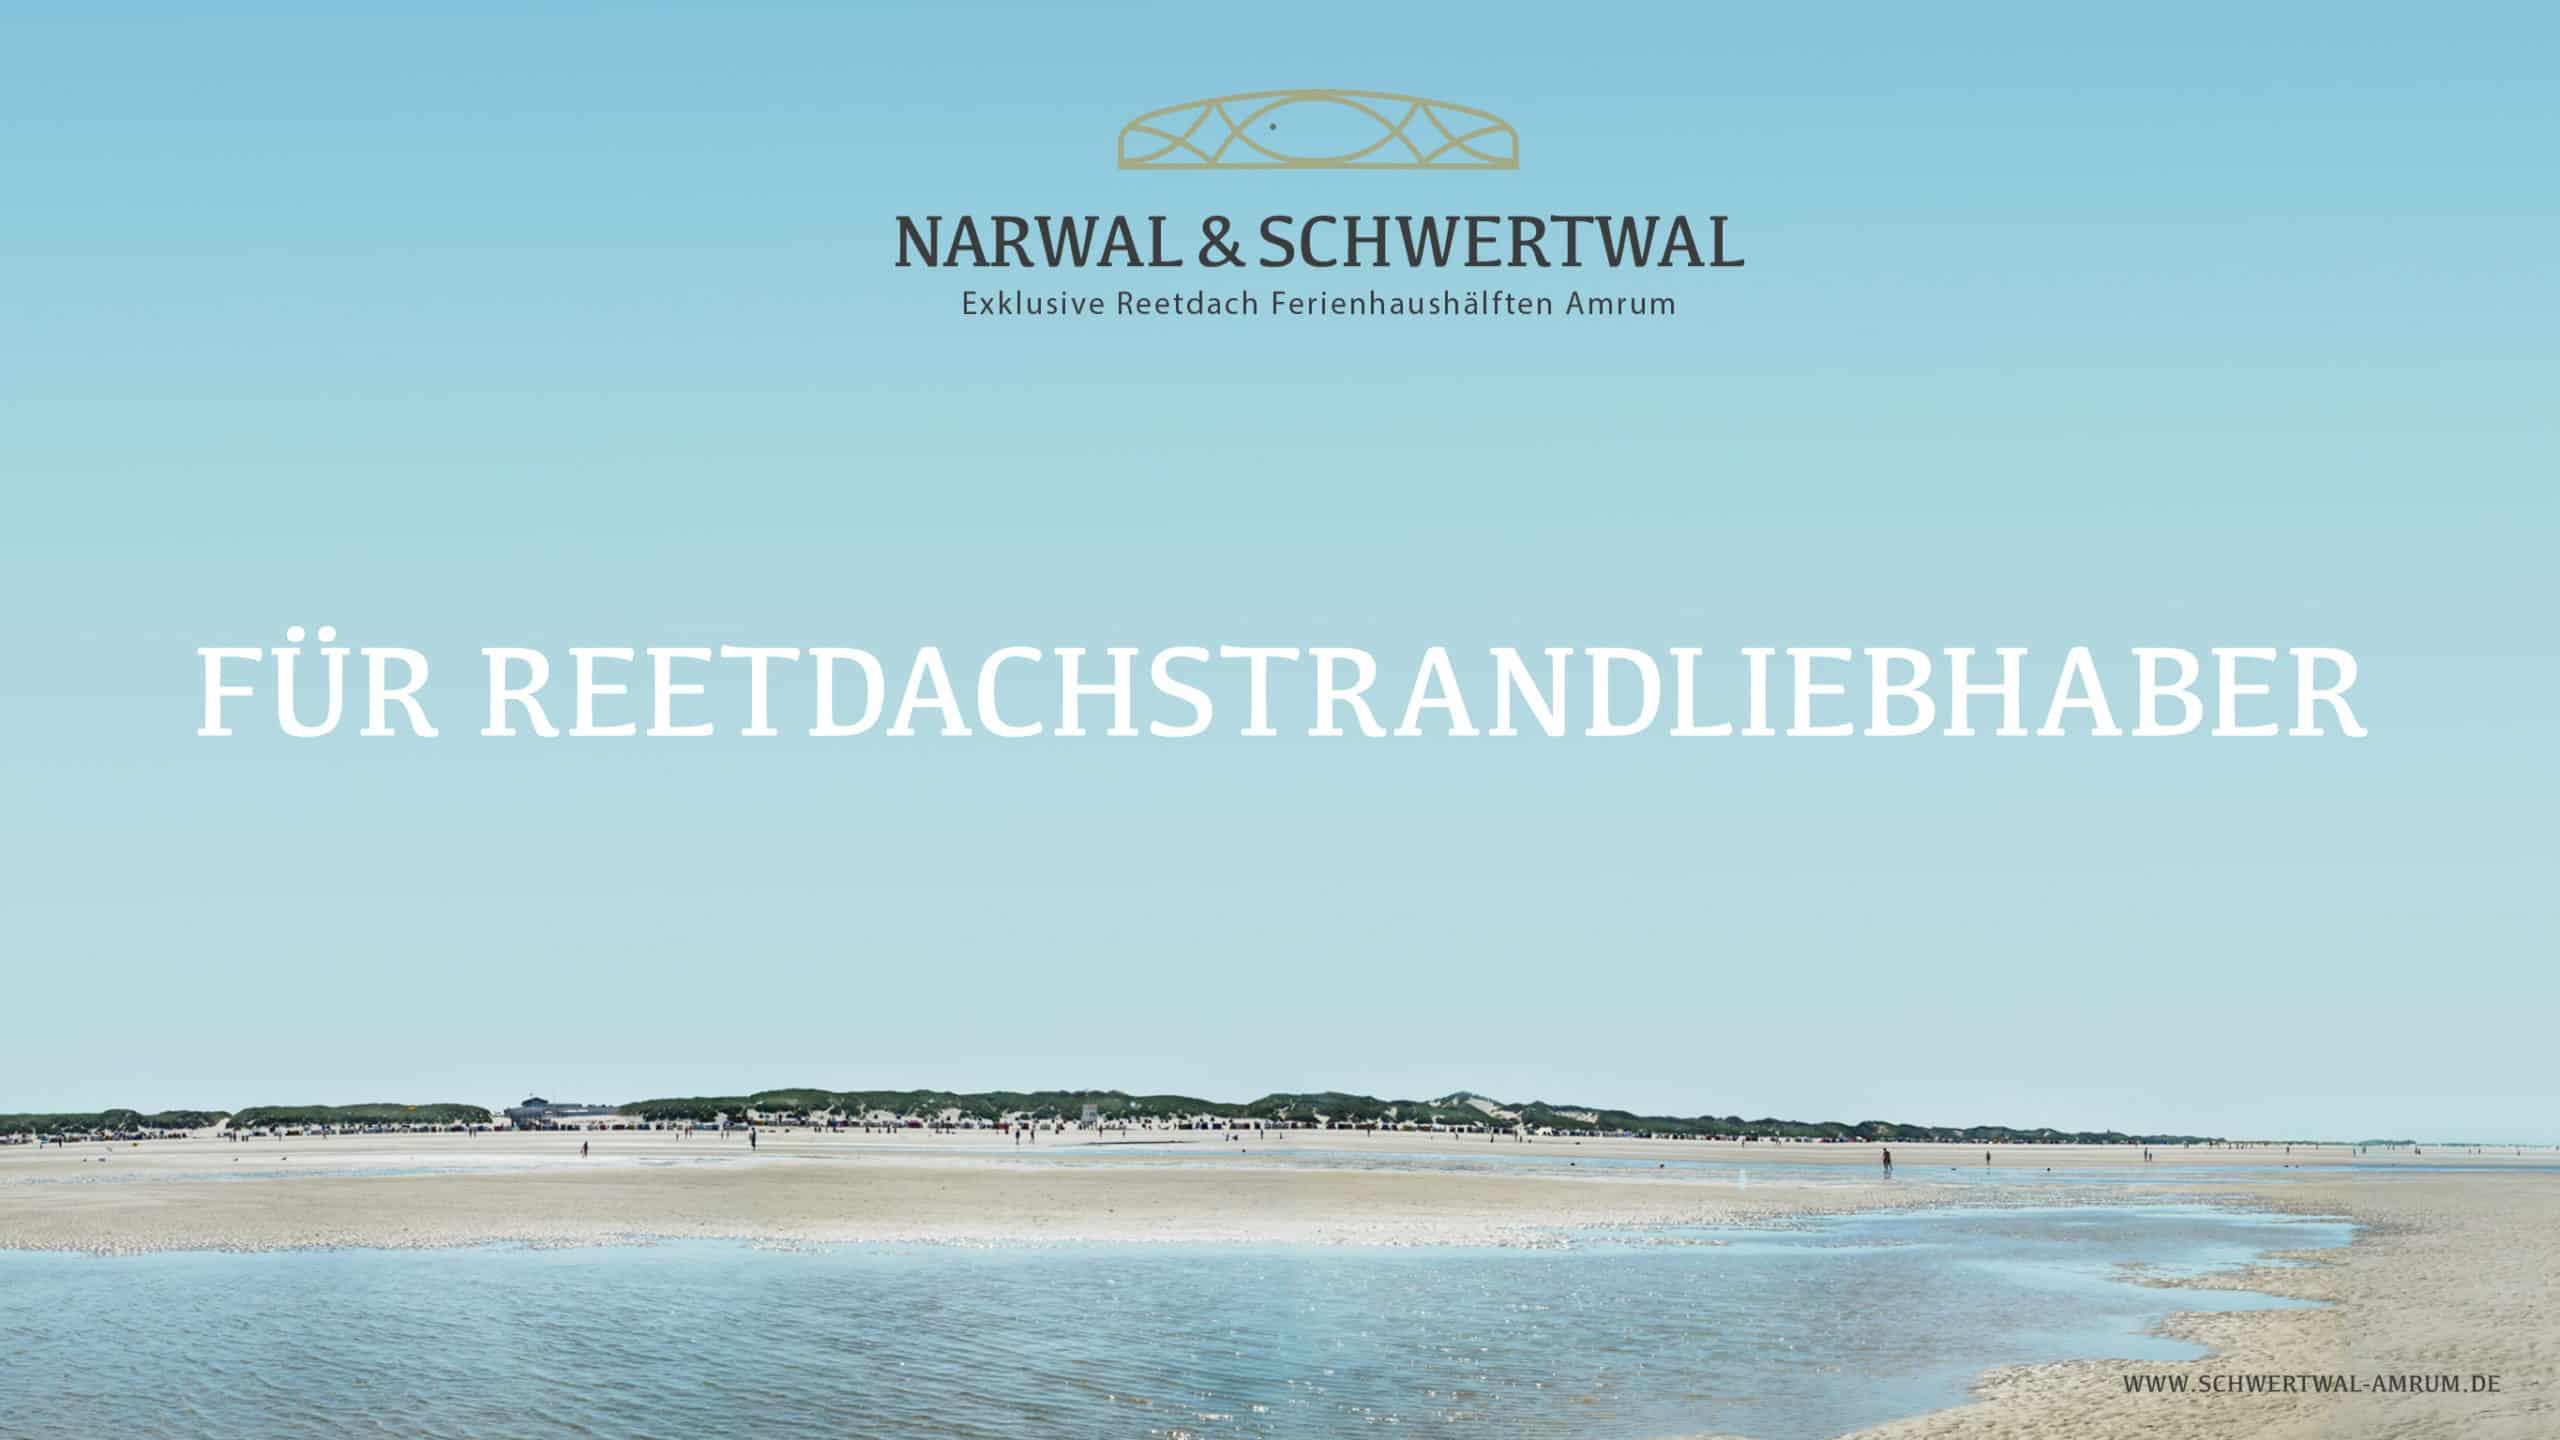 Urlaub von Anfang an - Schwertwal und Narwal